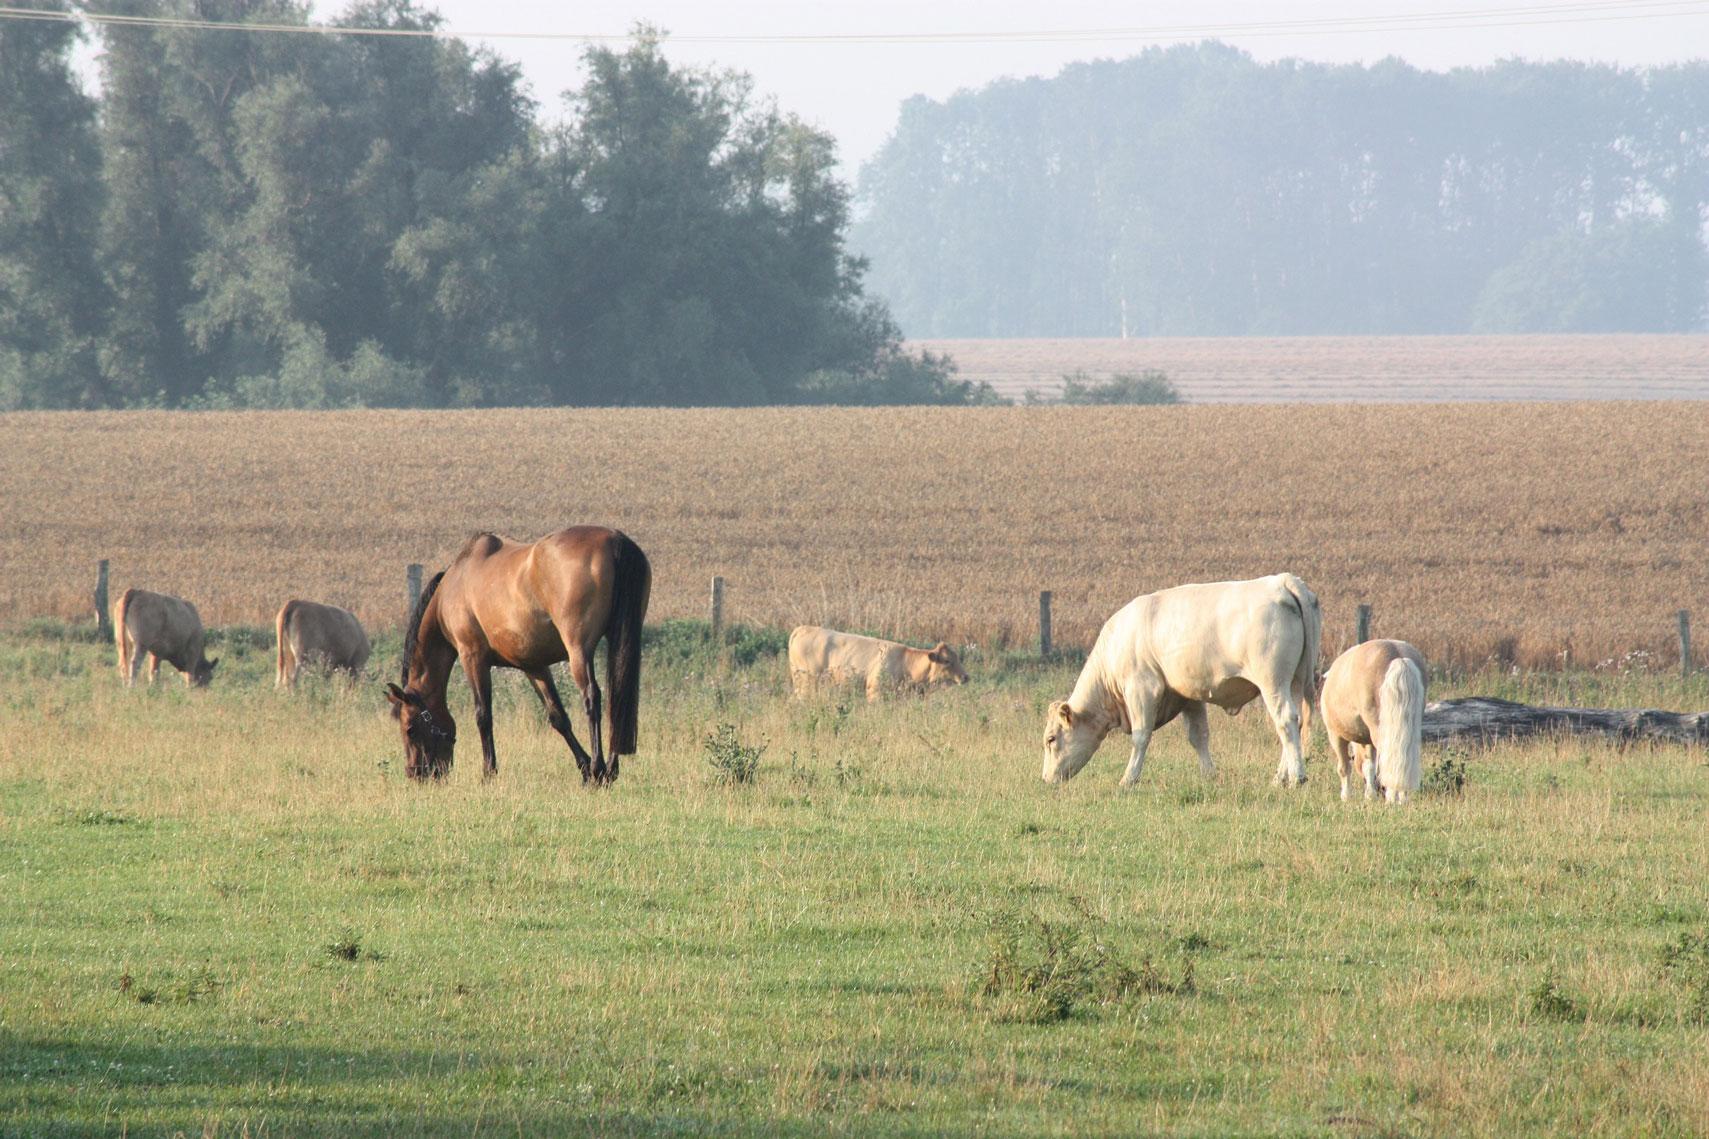 Trebeltal Bioprodukte Logo Bio Fleisch Rinder Pustertaler Sprinzen Gelbvieh Rohlfing Kuh Mecklenburg Vorpommern Christian Landwirtschaft